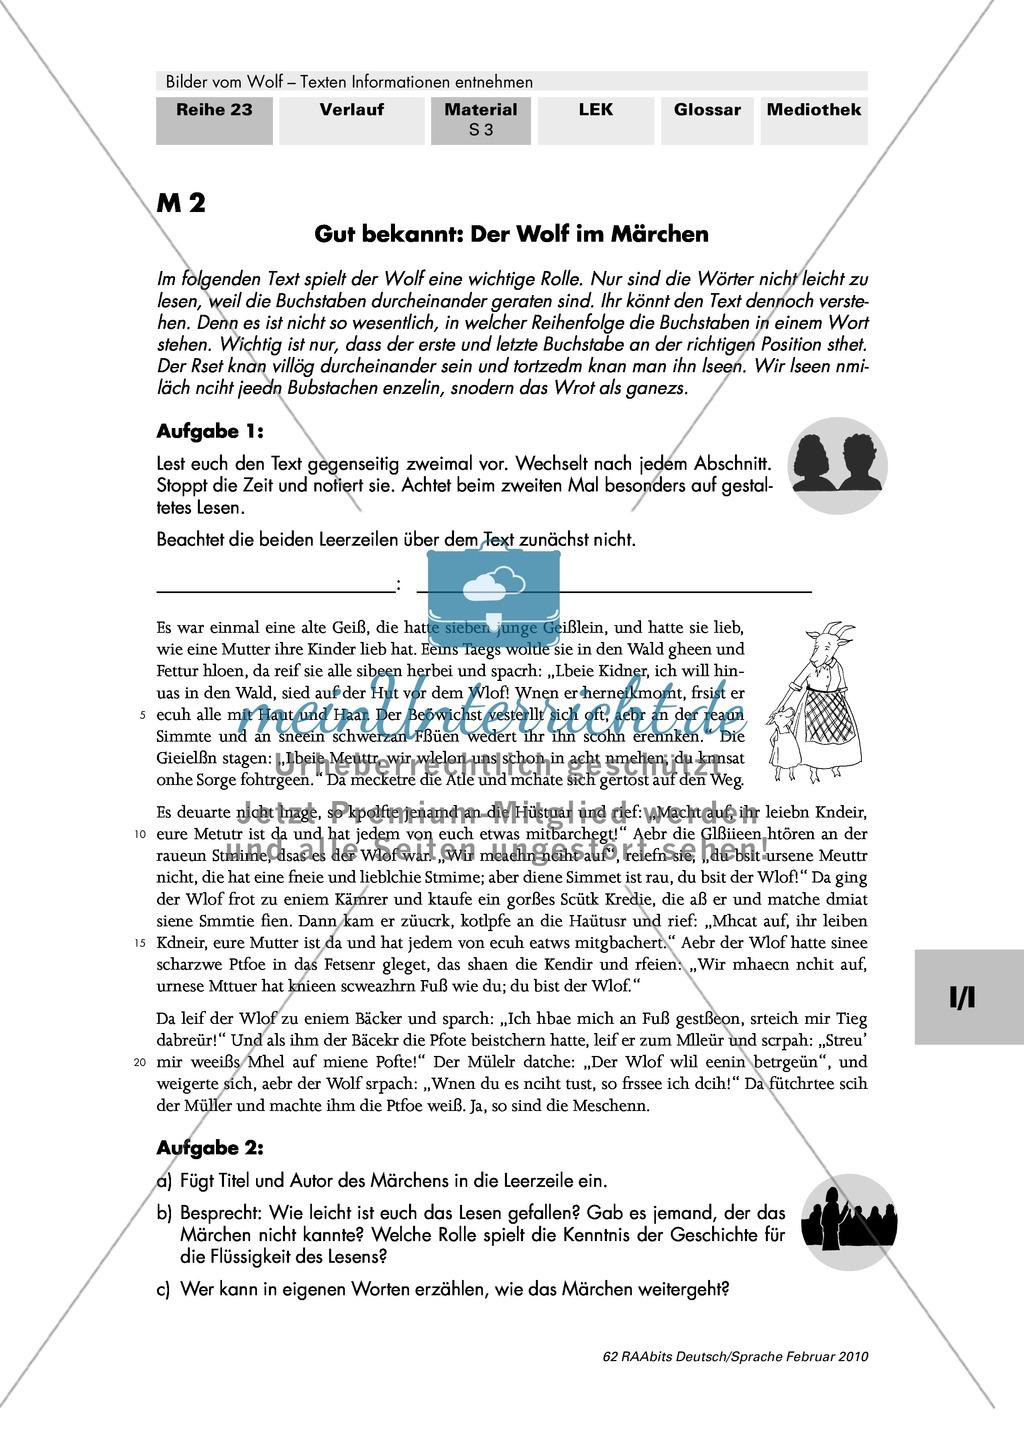 Die Rolle des Wolfes im Märchen: Farbfolie + Brüder Grimm: